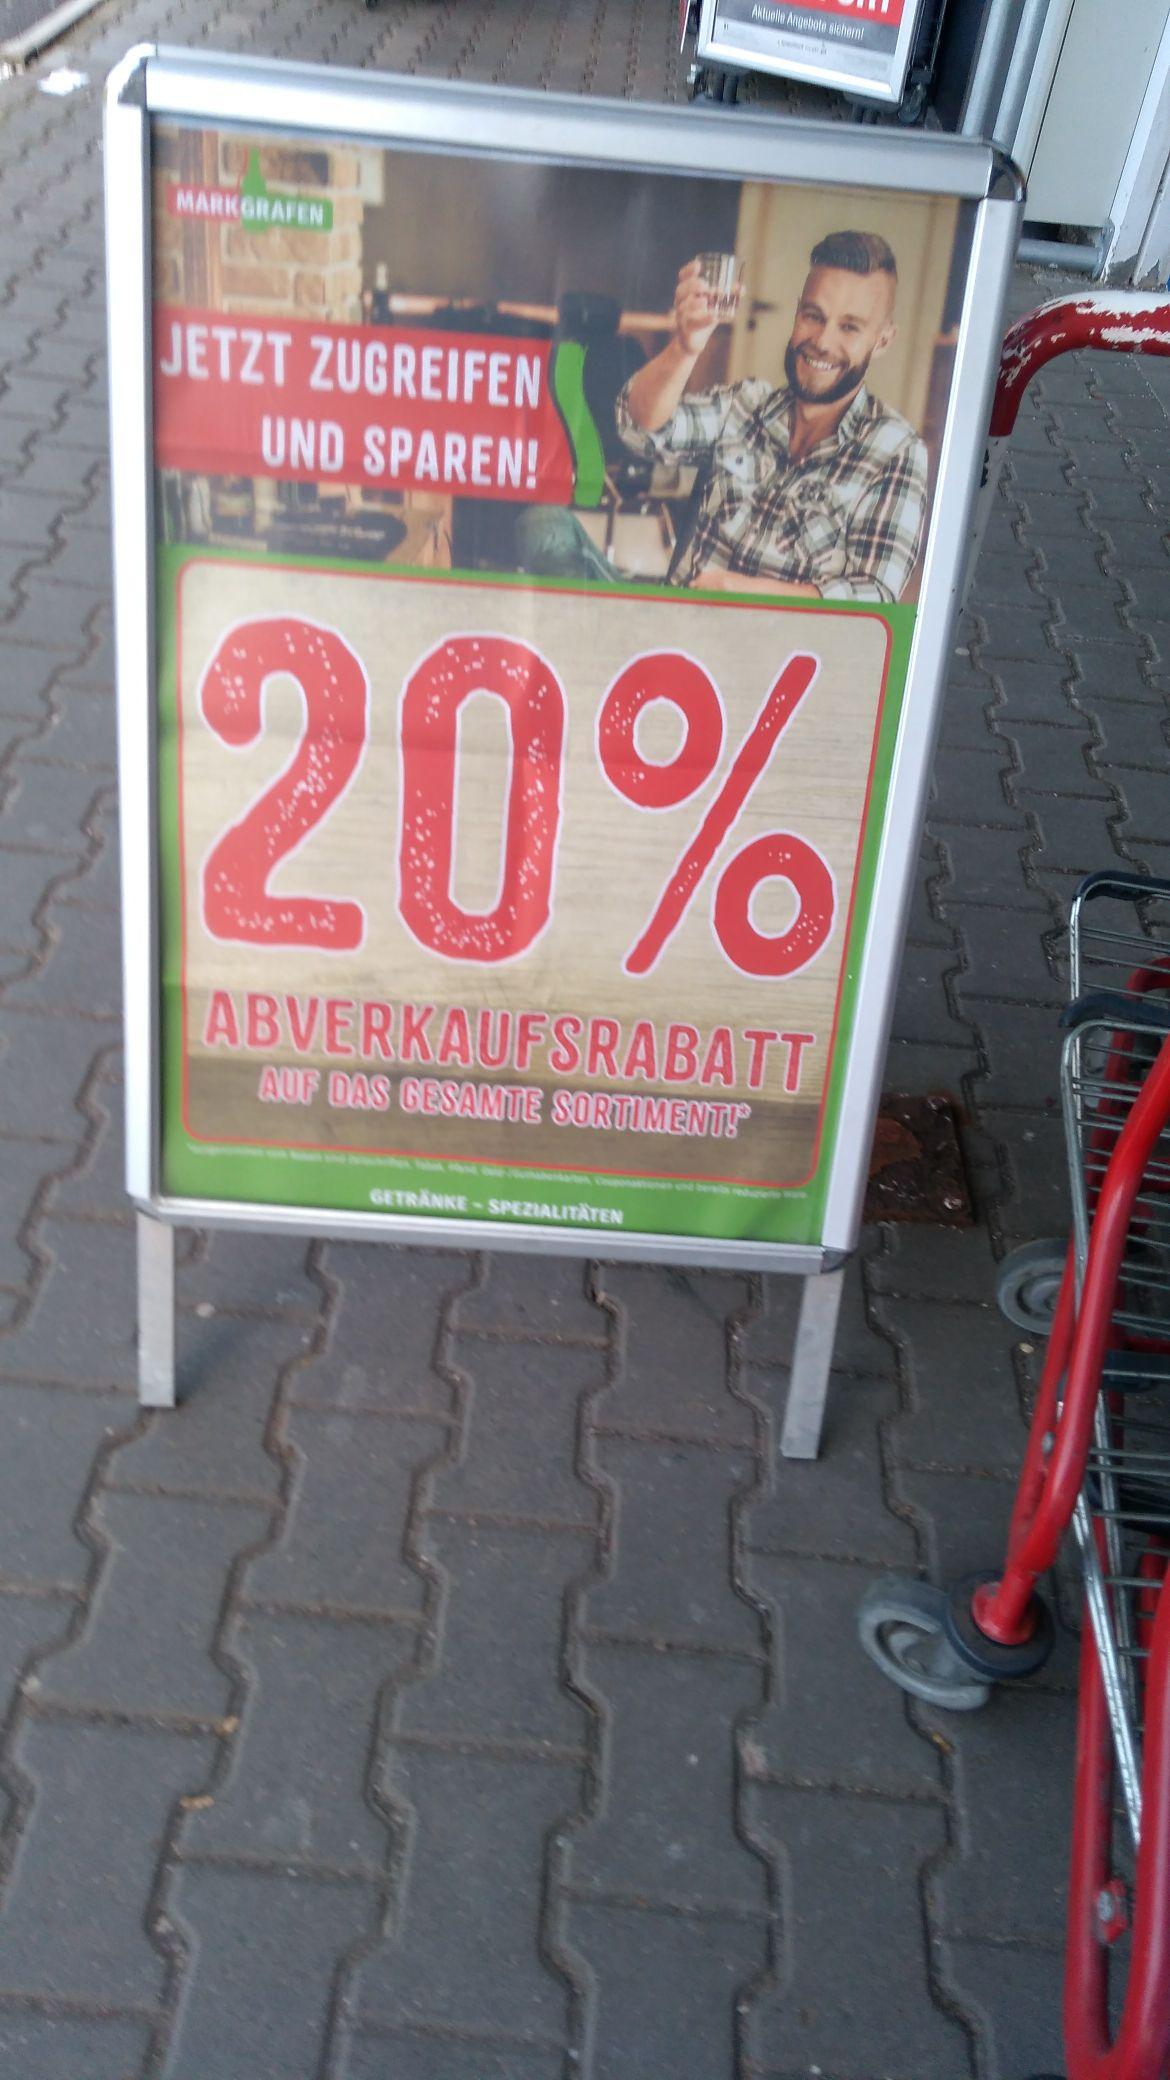 [LOKAL Coburg] (Markgrafen Getränkemarkt) 20% auf das gesamte Sortiment des Marktes